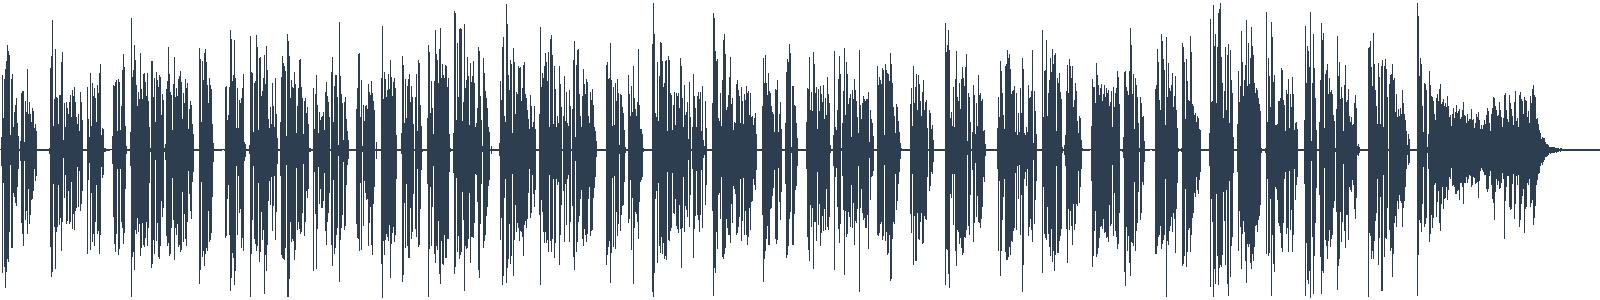 Ďábel v Bílém městě - ukázka z audioknihy waveform